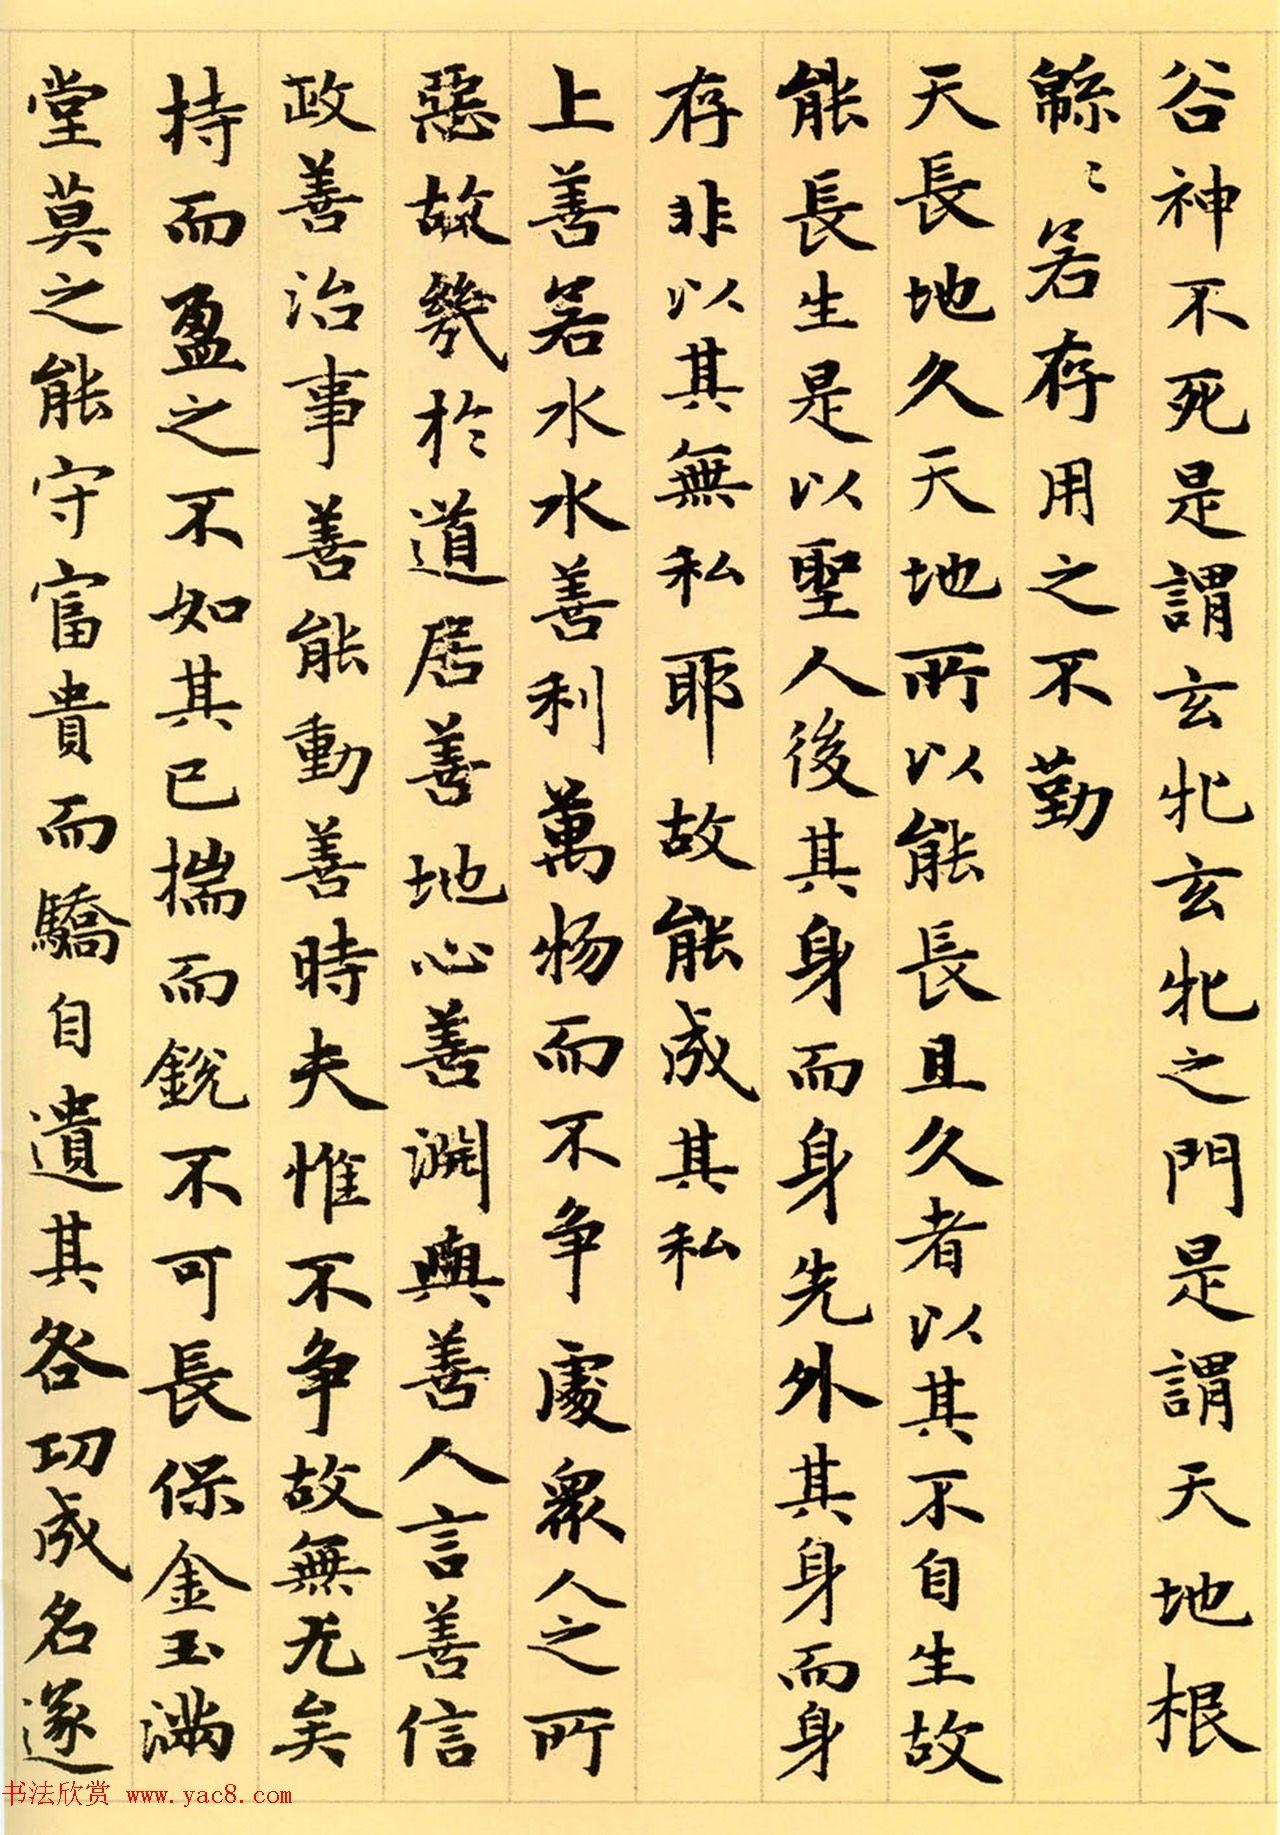 赵孟頫63岁小楷《老子道德经》